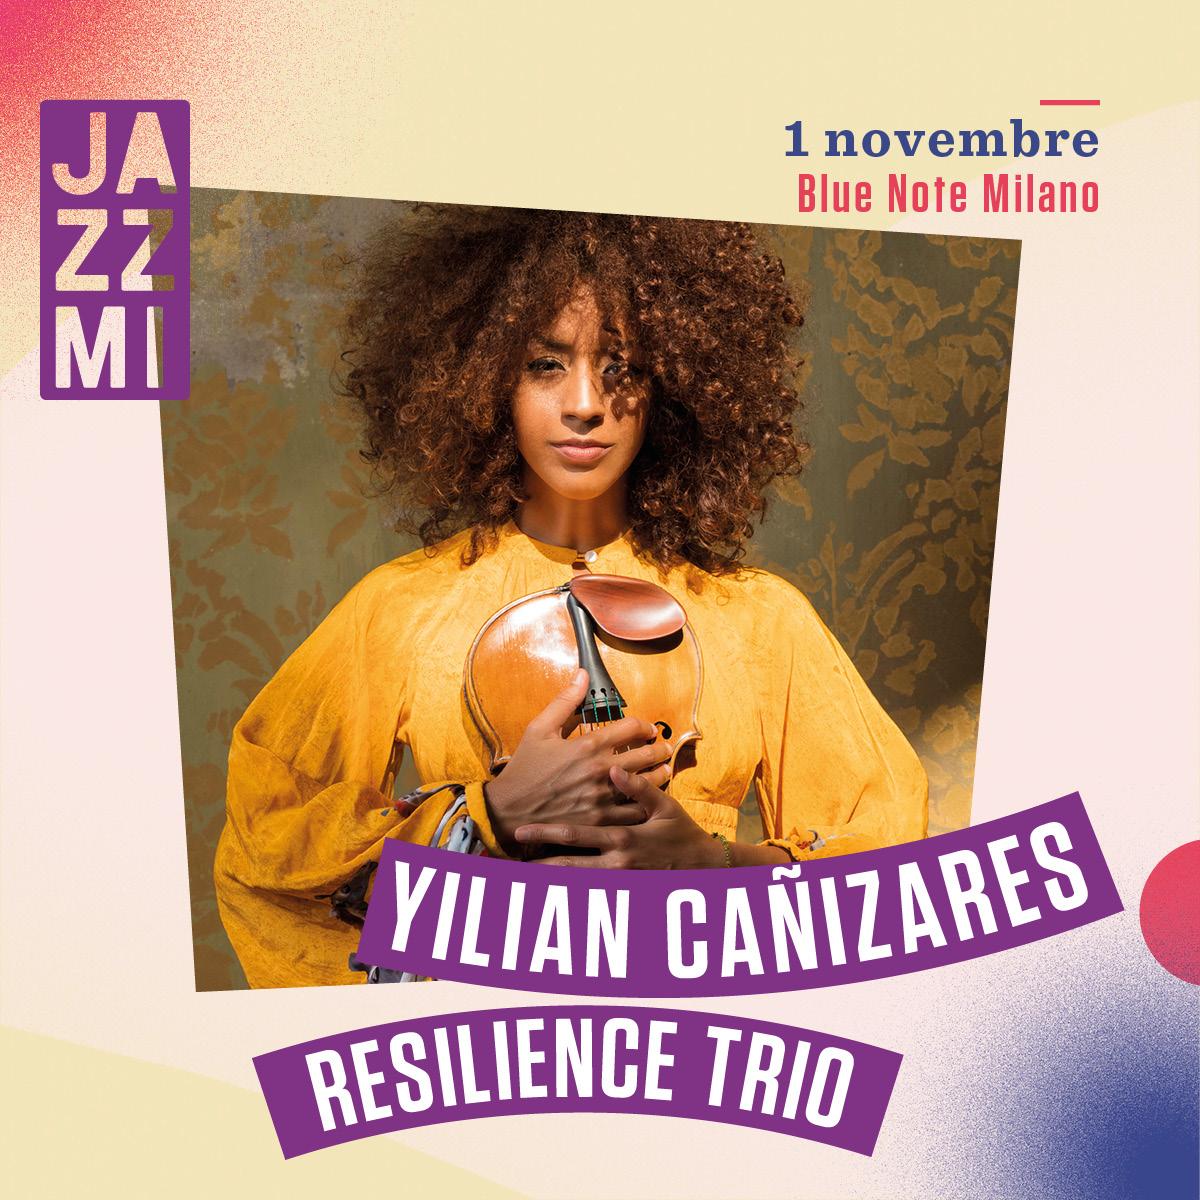 JAZZMI Yilian Canizares Resilience Trio 01/11/2020 20.30